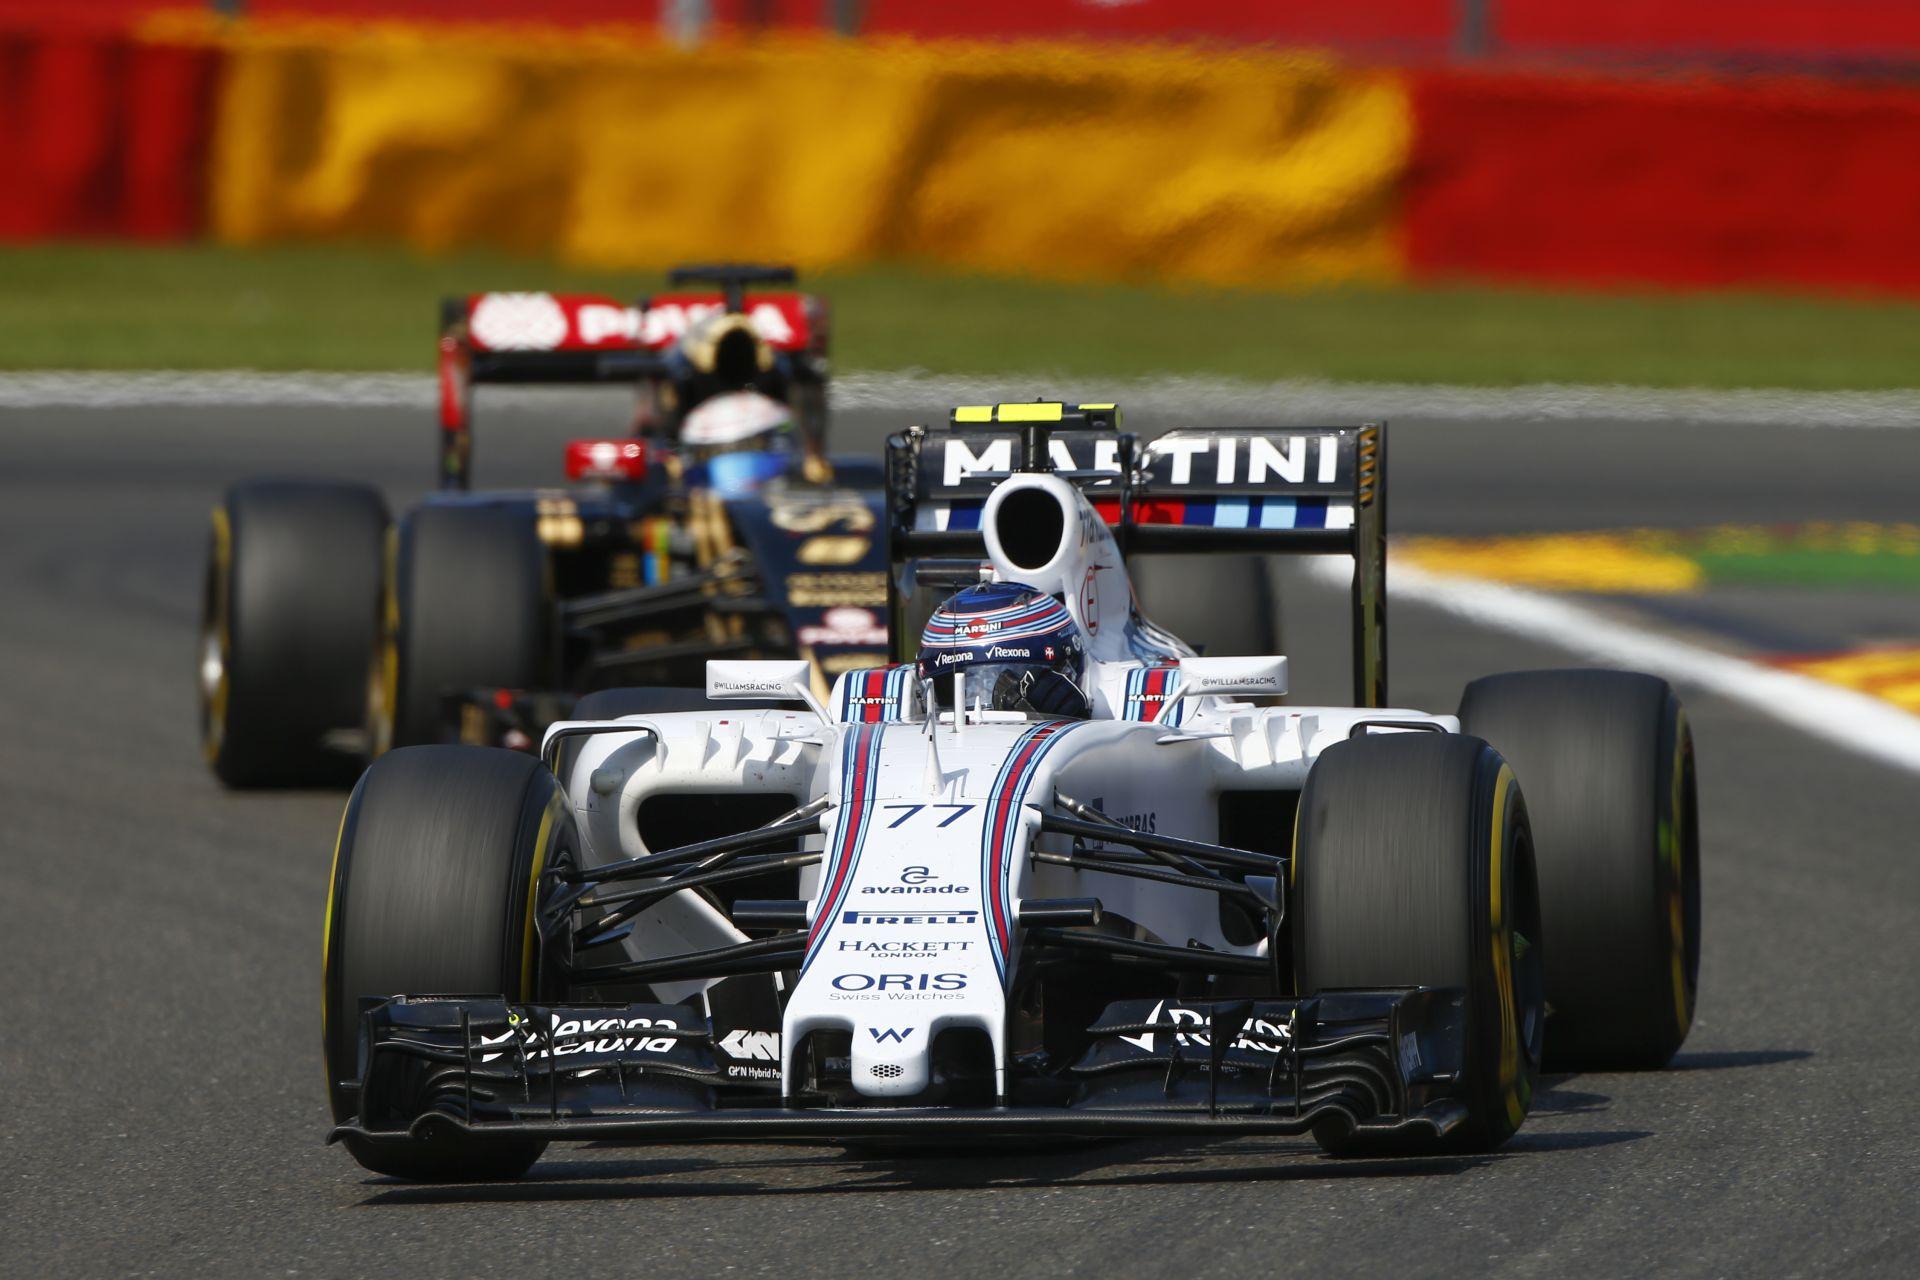 Altat a Williams, de Massa és Bottas is gyorsnak érzi a gépet Monzában